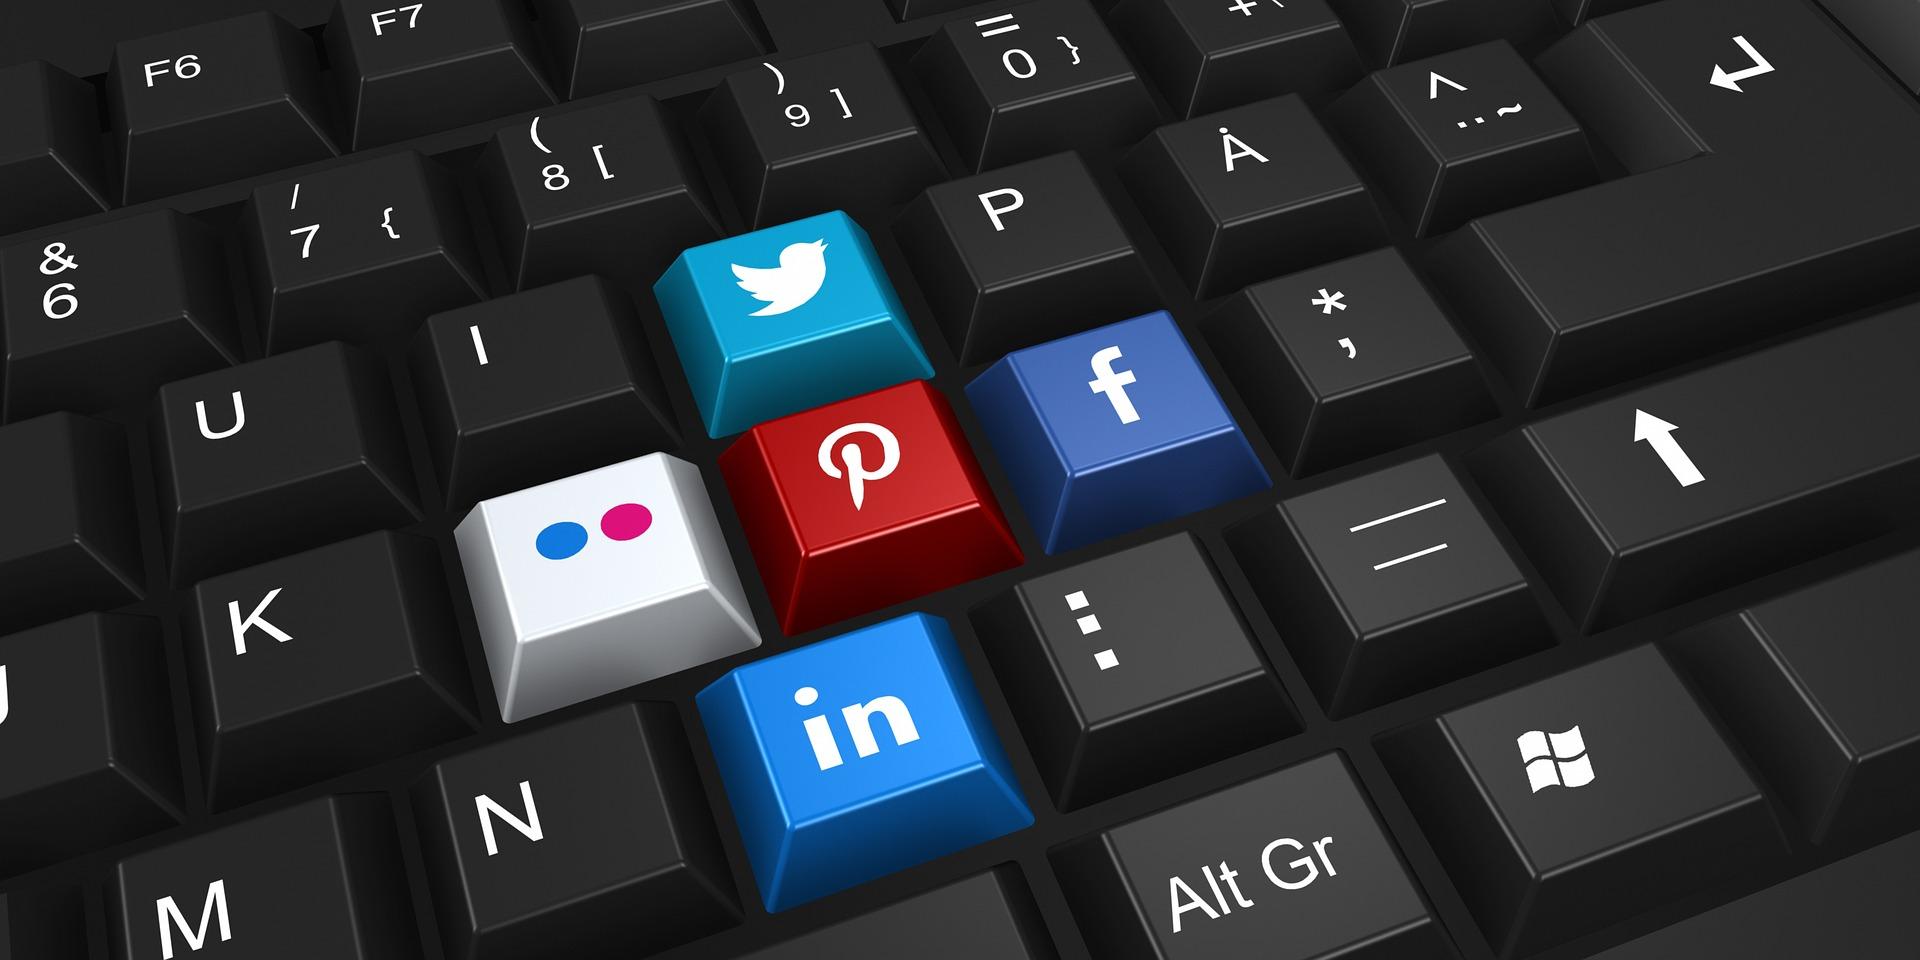 Эксперт объяснила, за публикацию каких фото в соцсетях может грозить уголовная ответственность